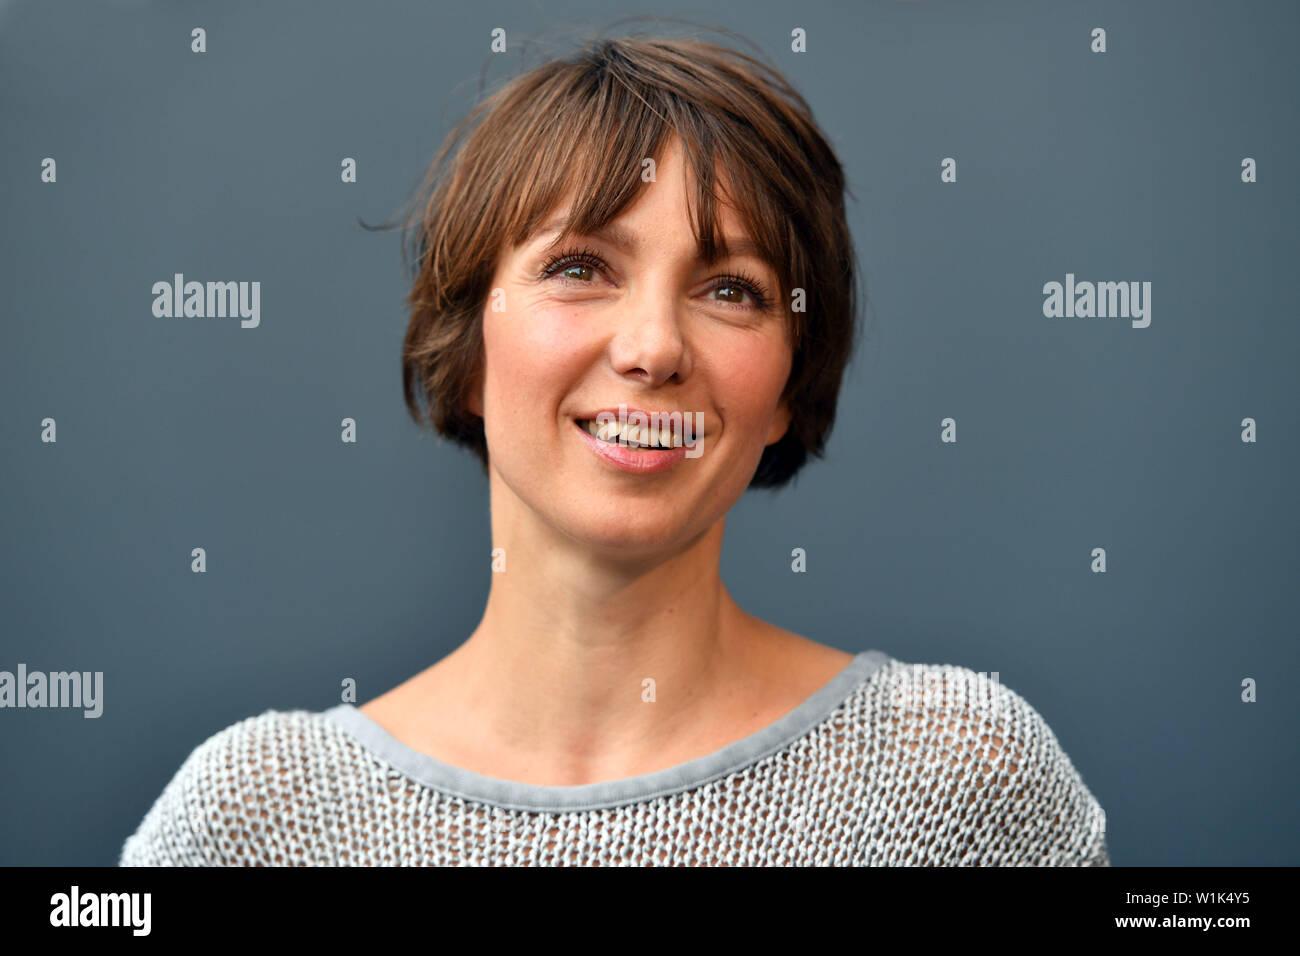 Julia Koschitz Stockfotos Und Bilder Kaufen Alamy